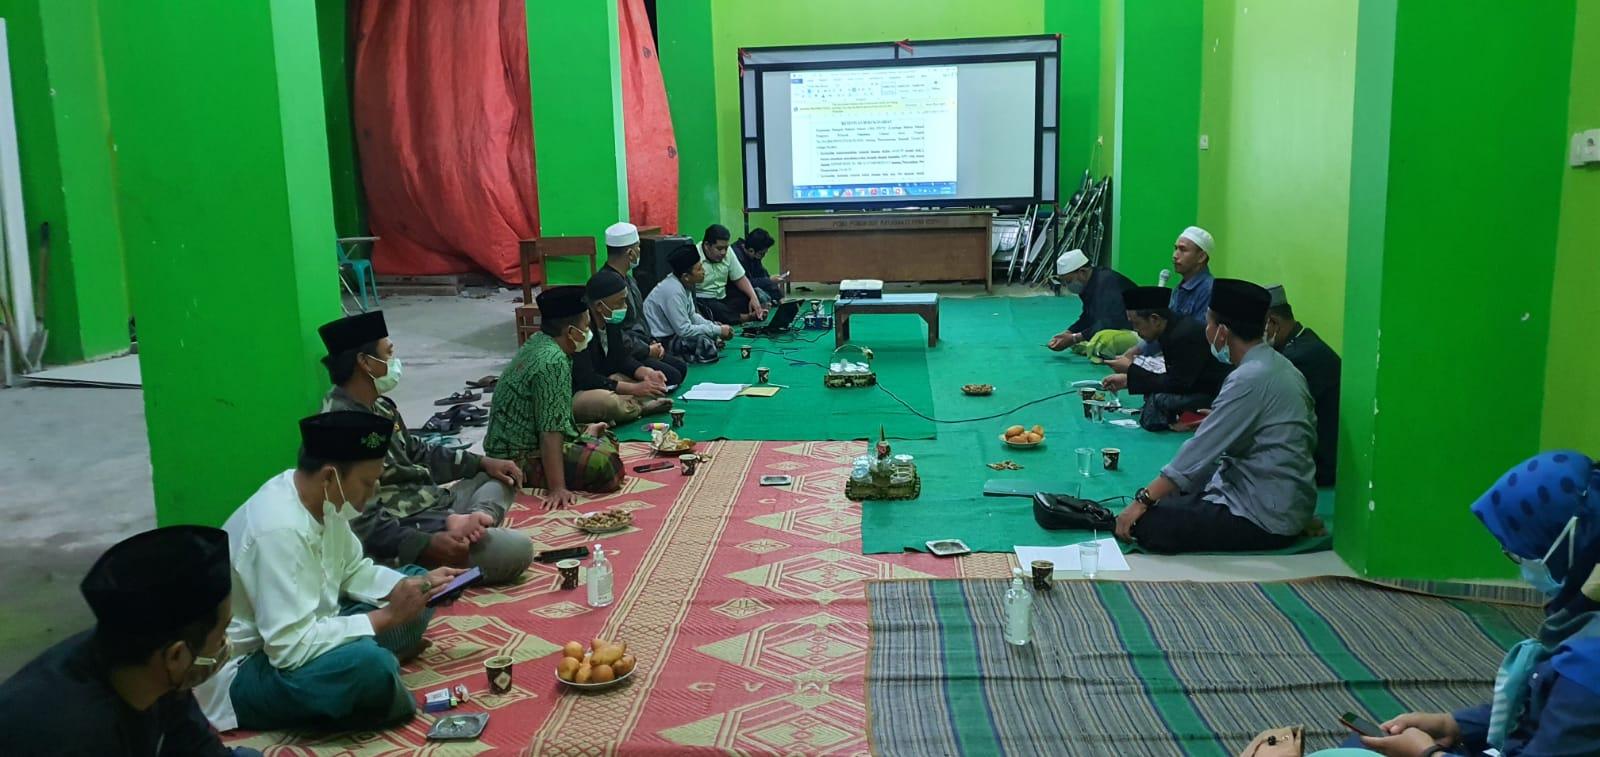 Rapat Finalisasi SOP dan Persiapan Diklat Pemulasaraan Jenasah Covid-19, Senin (28) di aula PCNU